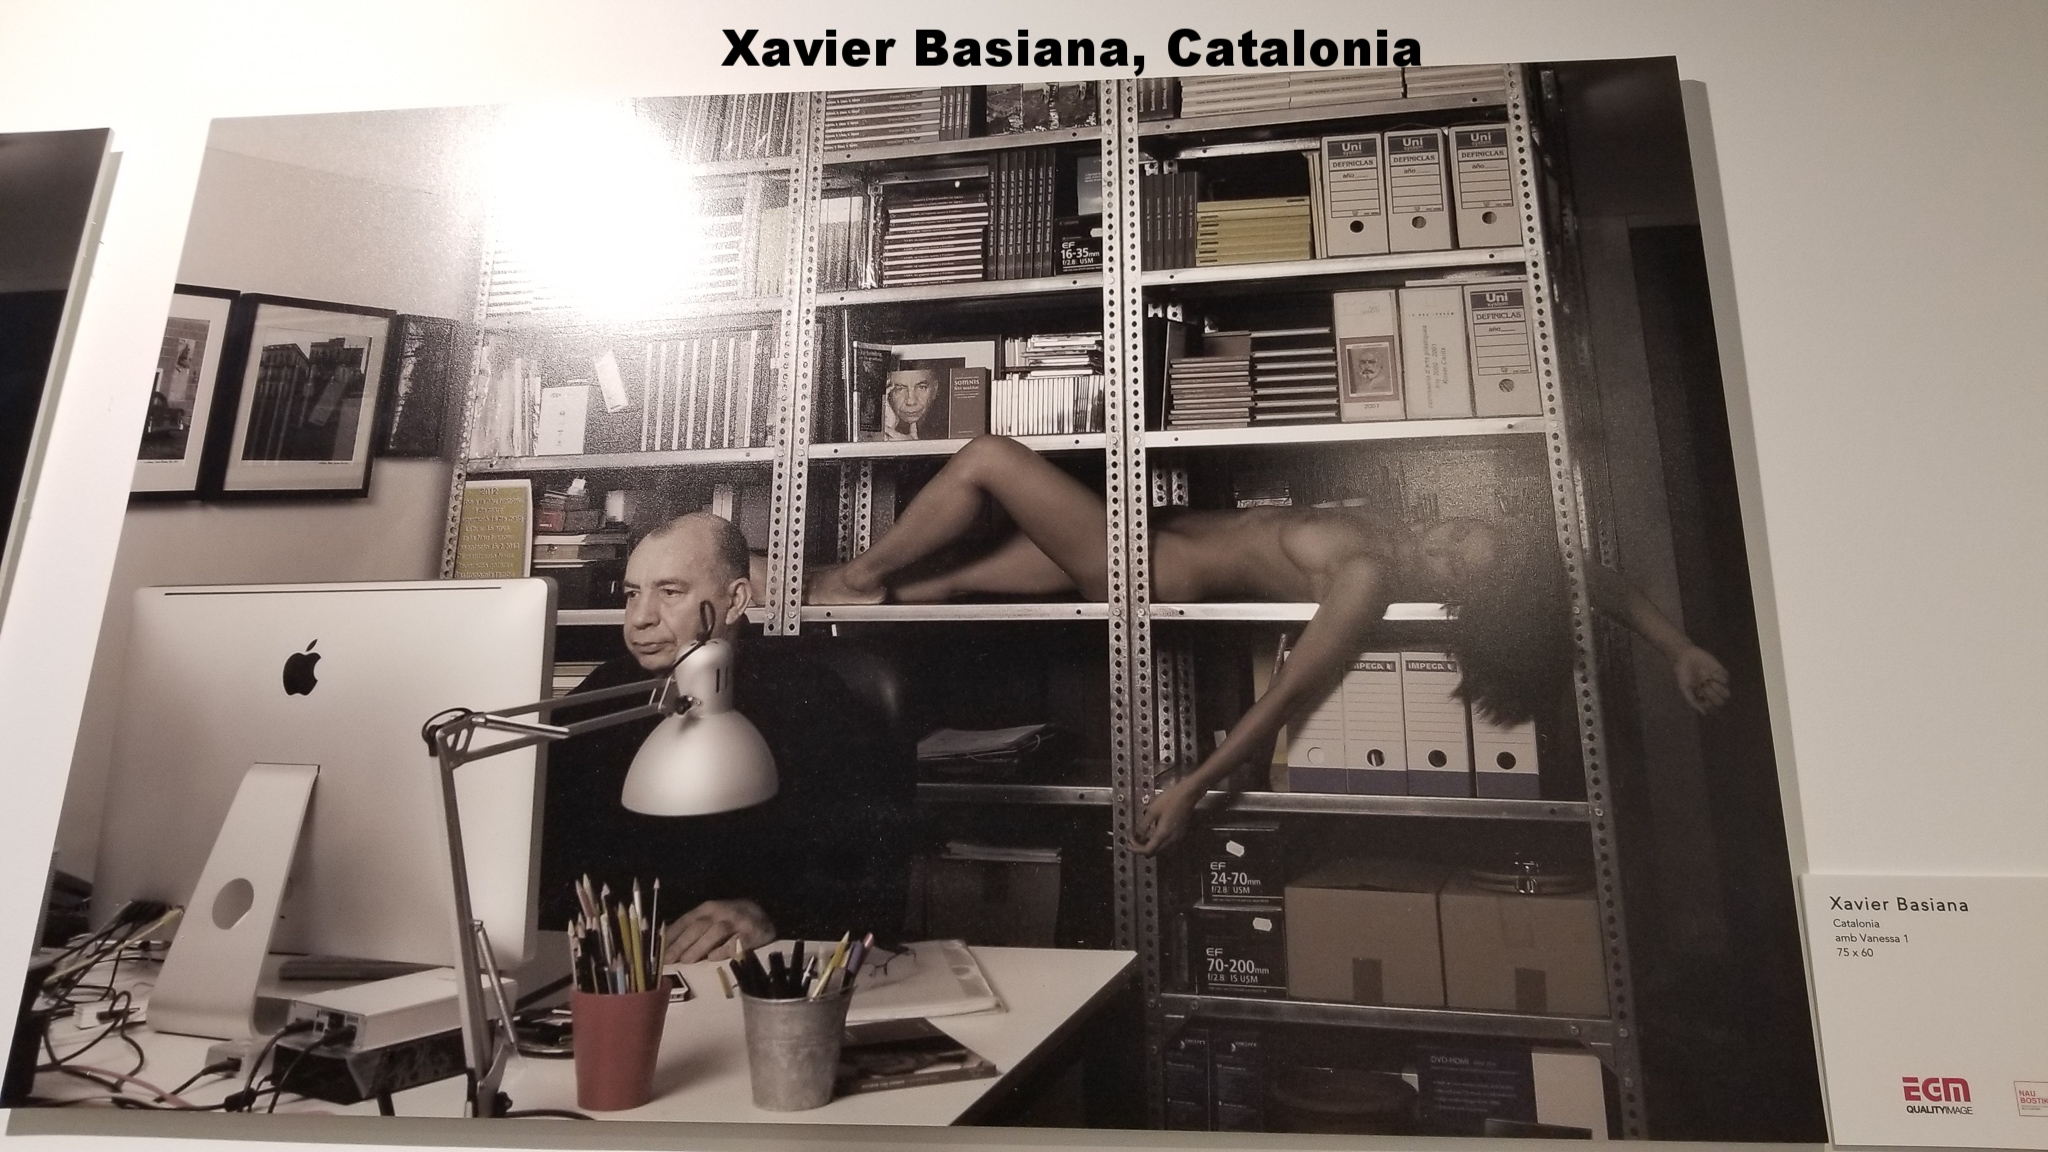 Xavier Basiana, Catalonia